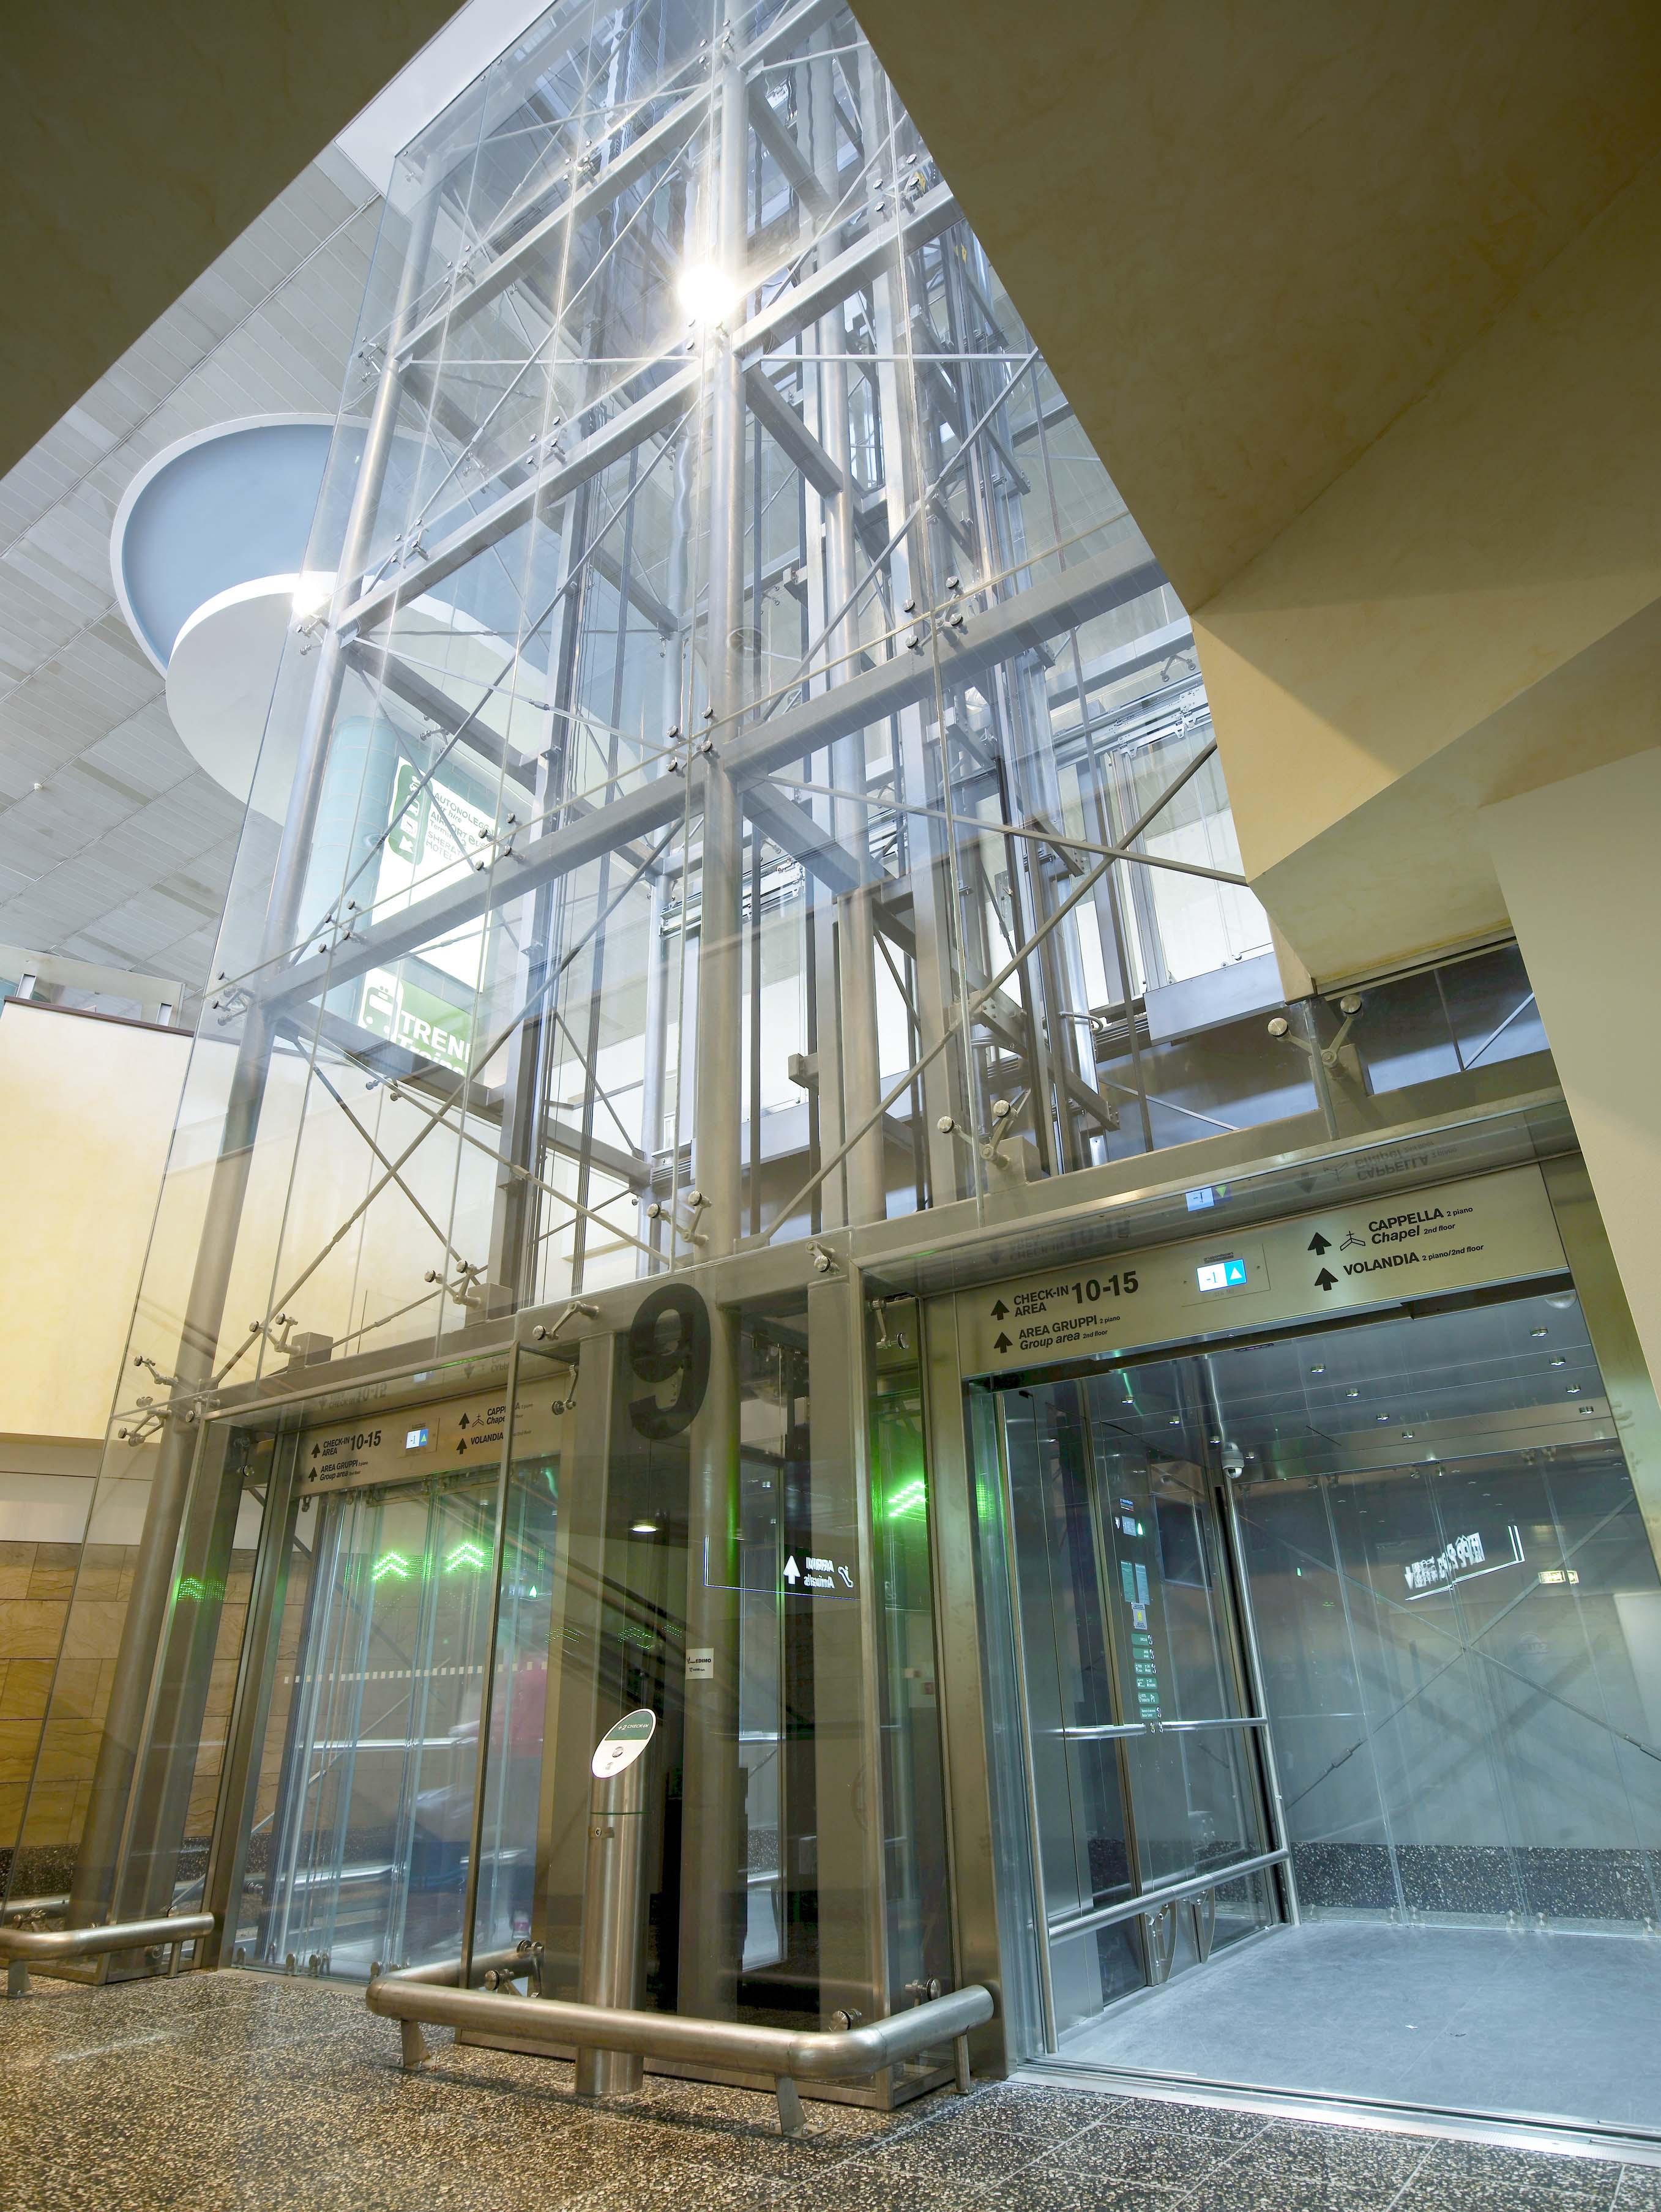 Montaggio cabina ascensore quanto pu costare cmalifts - Quanto costa un ascensore esterno ...